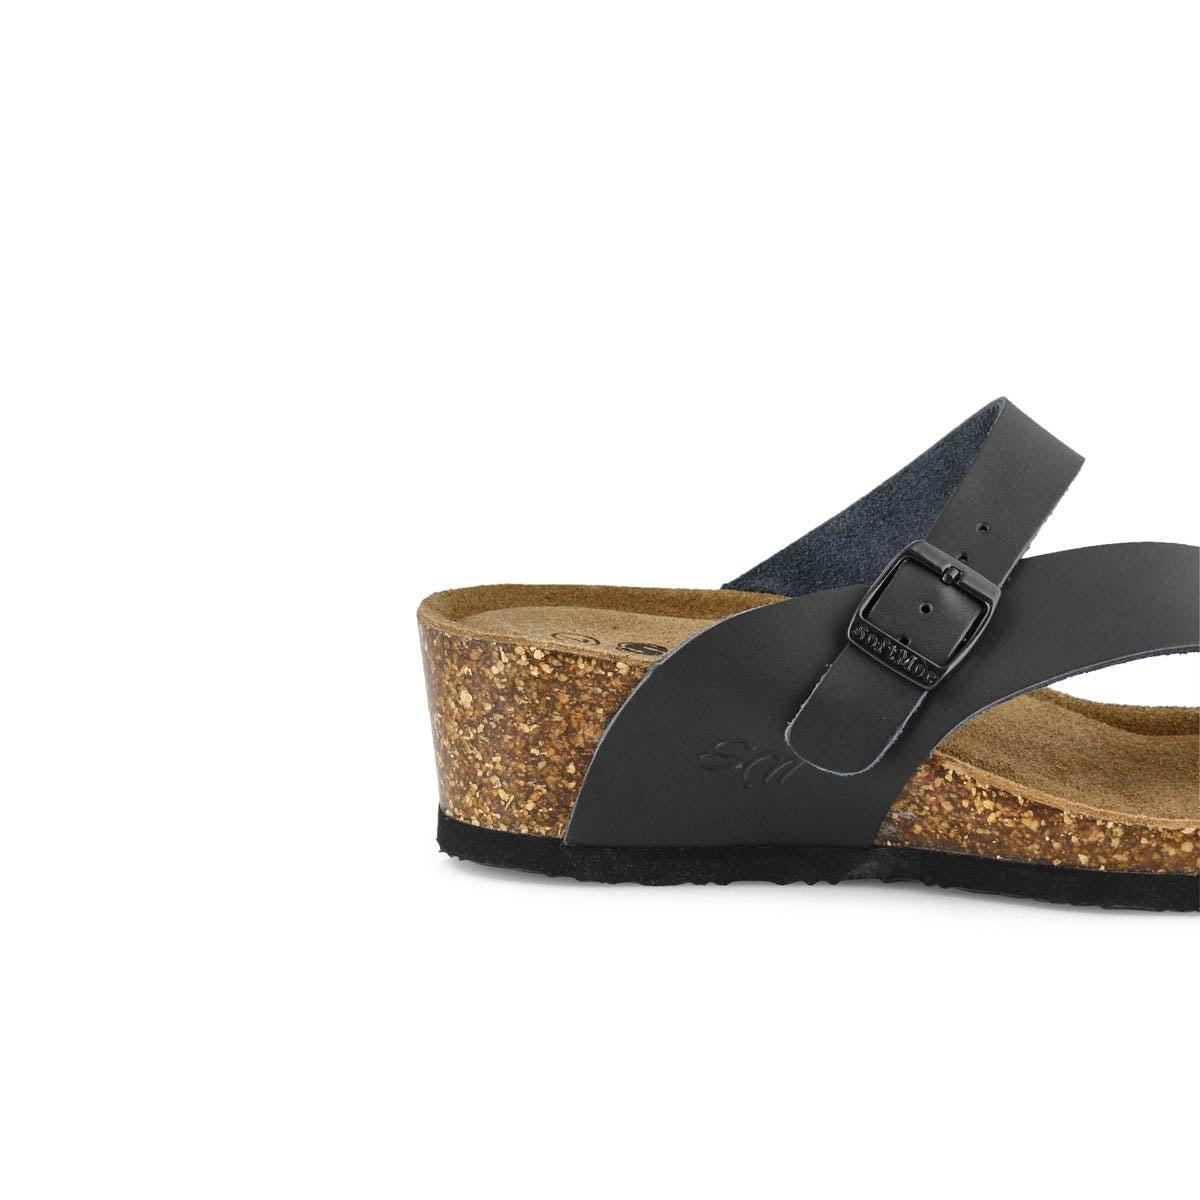 Lds Andrea5 black memory foam wdg sandal